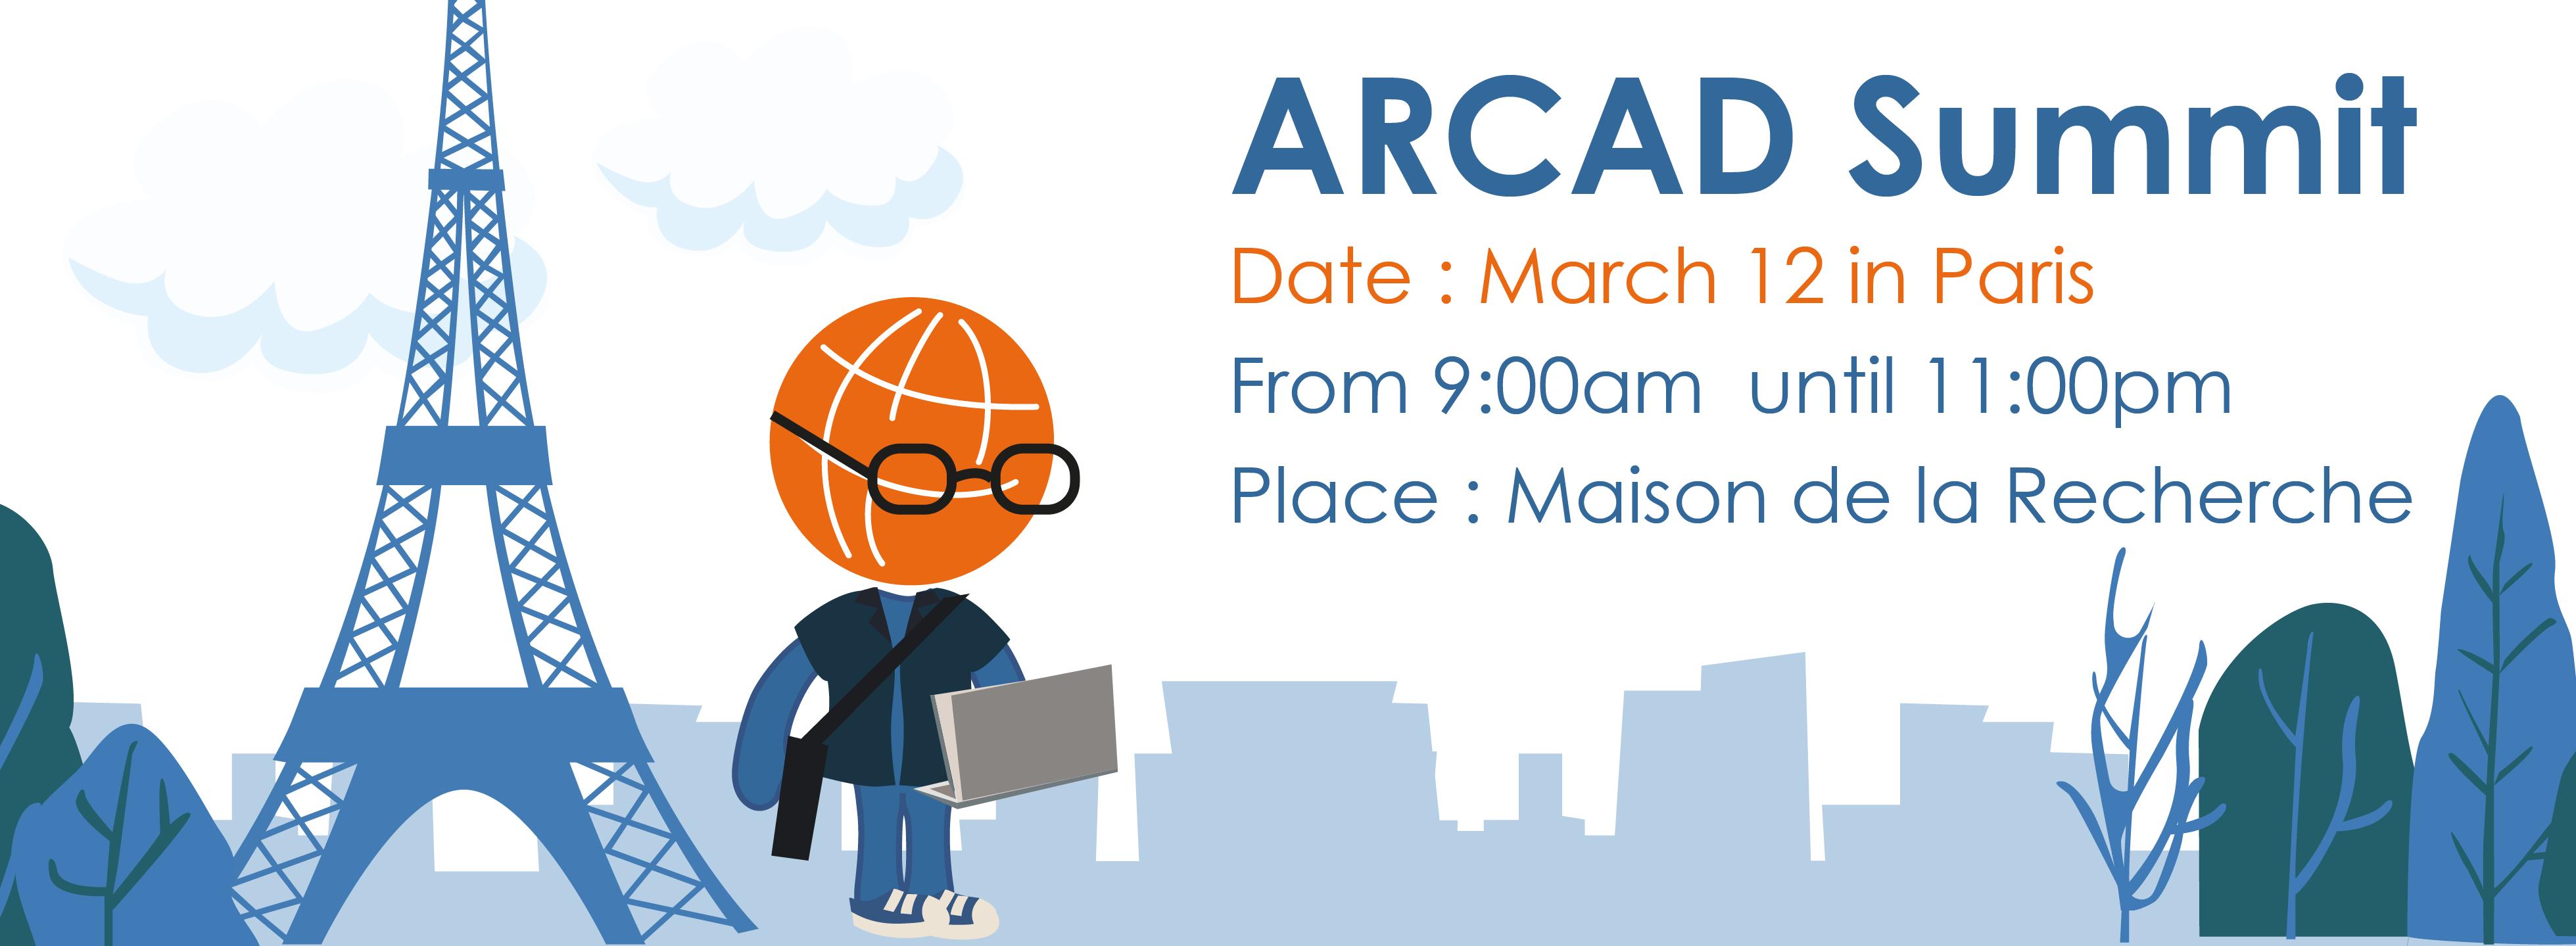 banniere ARCAD Summit 9am -11pm